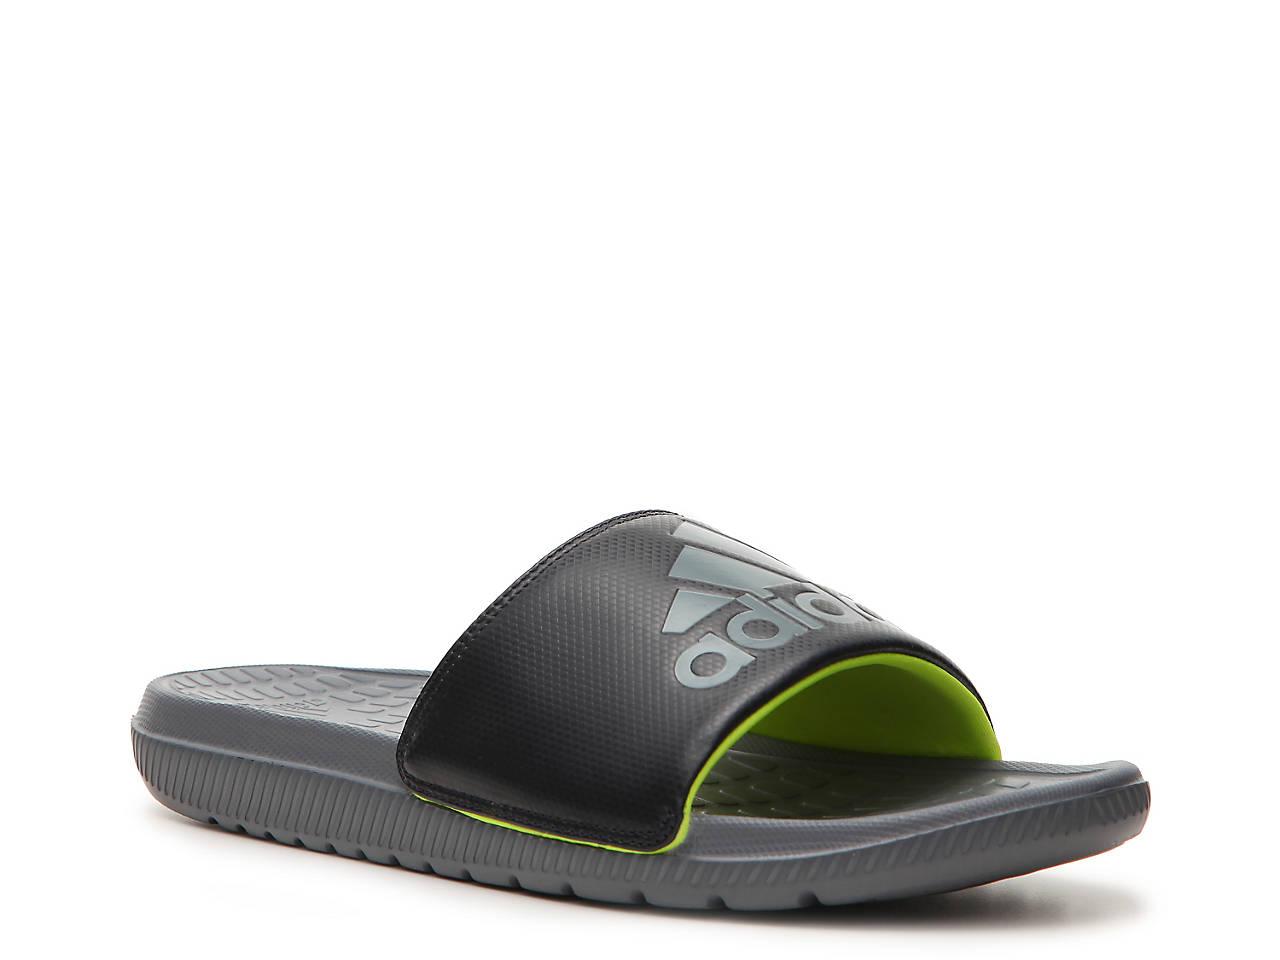 275ffe580b4c74 adidas Voloomix Slide Sandal - Men s Men s Shoes